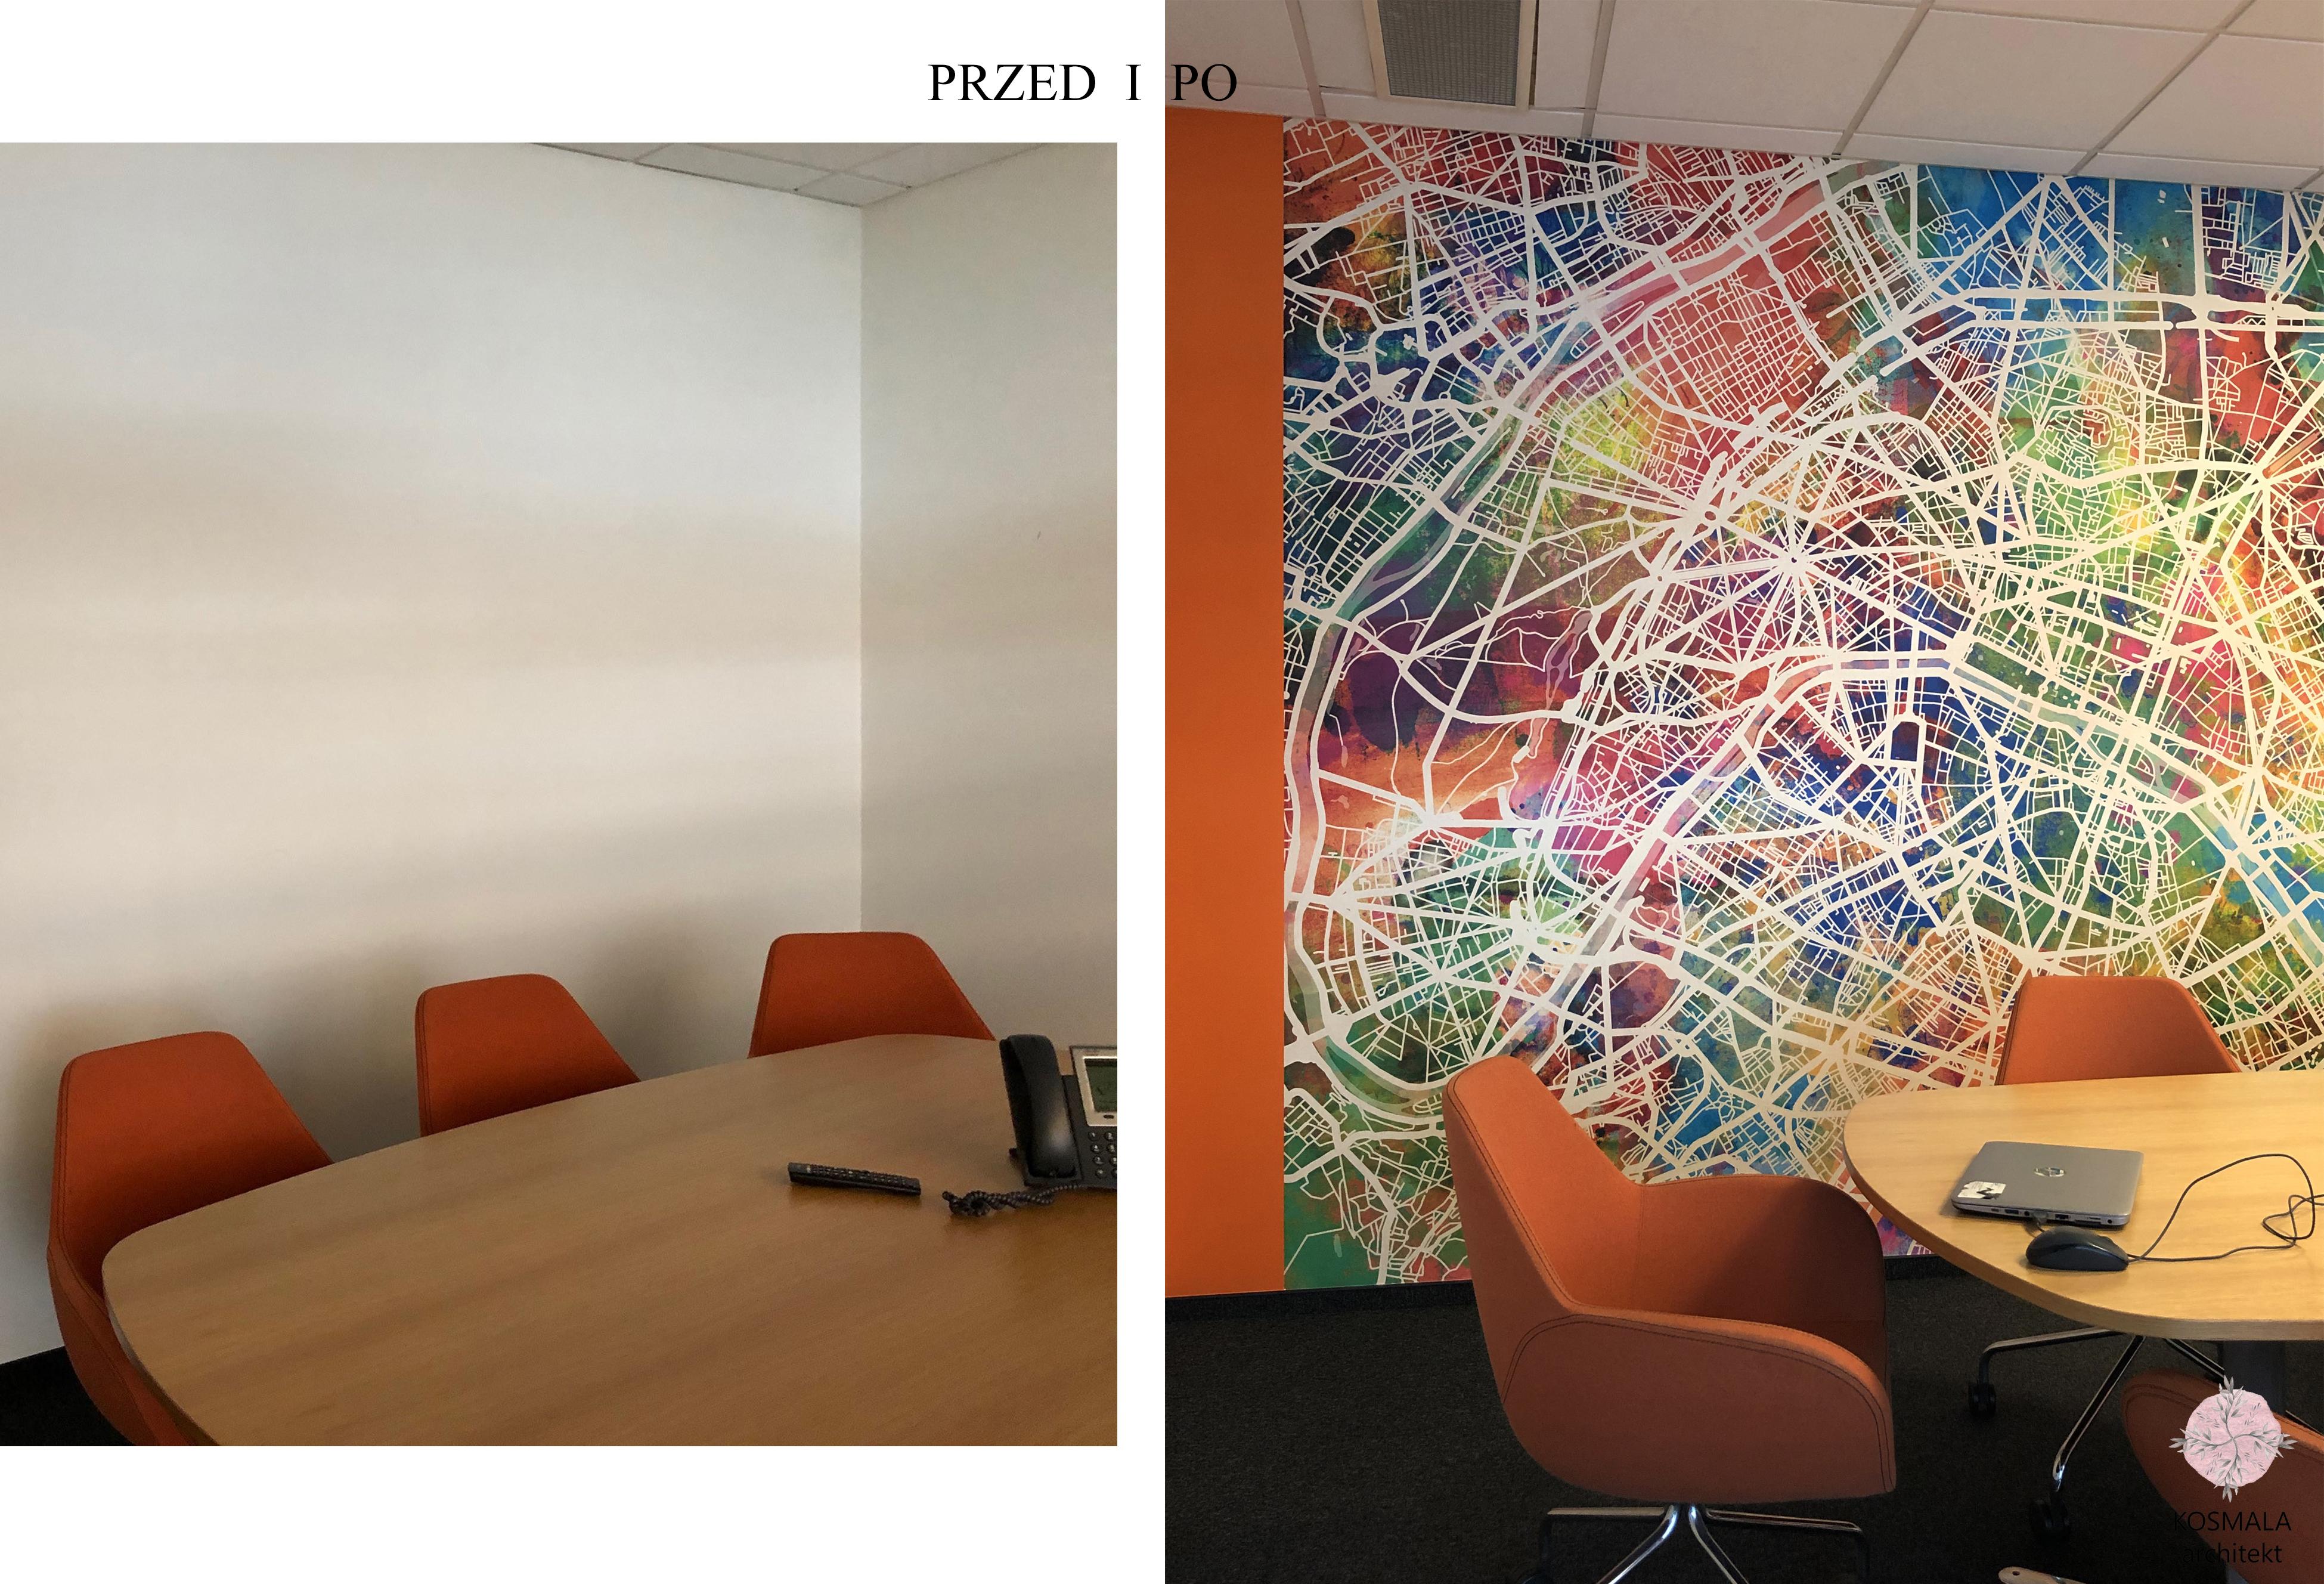 sala konferencyjna_Paryż_przedipo_1